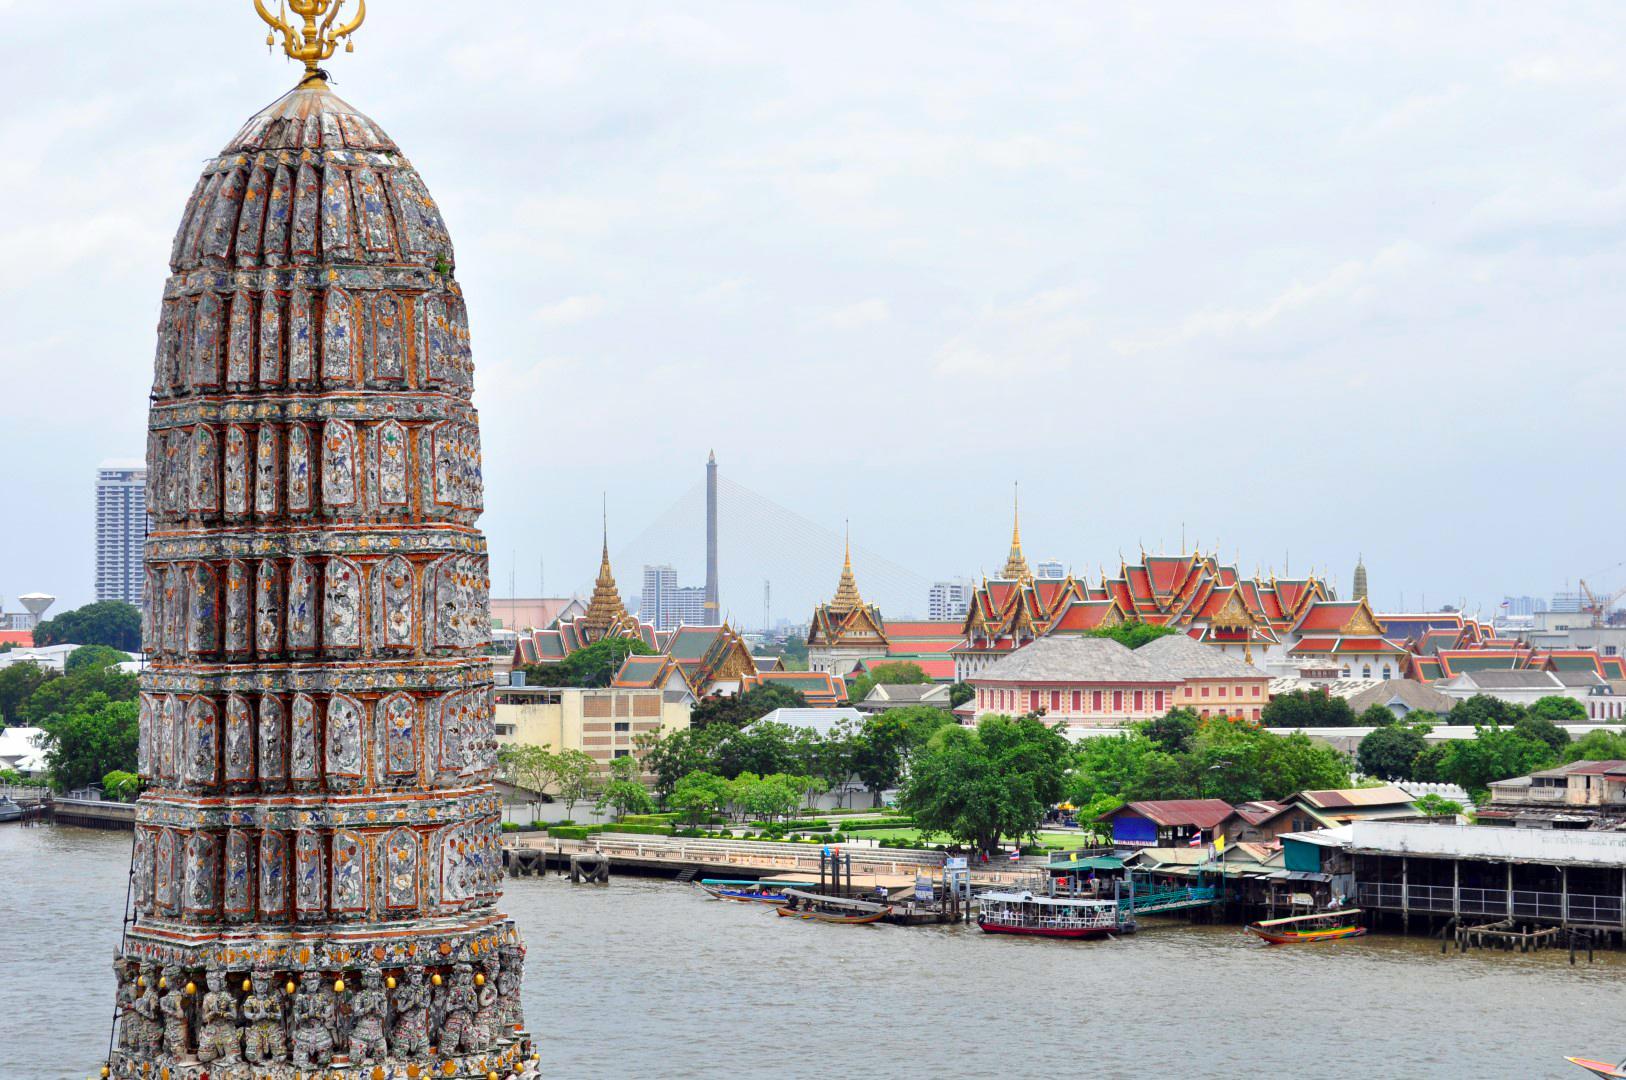 Qué hacer en Bangkok, qué ver en Bangkok, Tailandia qué hacer en bangkok - 40578966941 d8391c0c55 o - Qué hacer en Bangkok para descubrir su estilo de vida